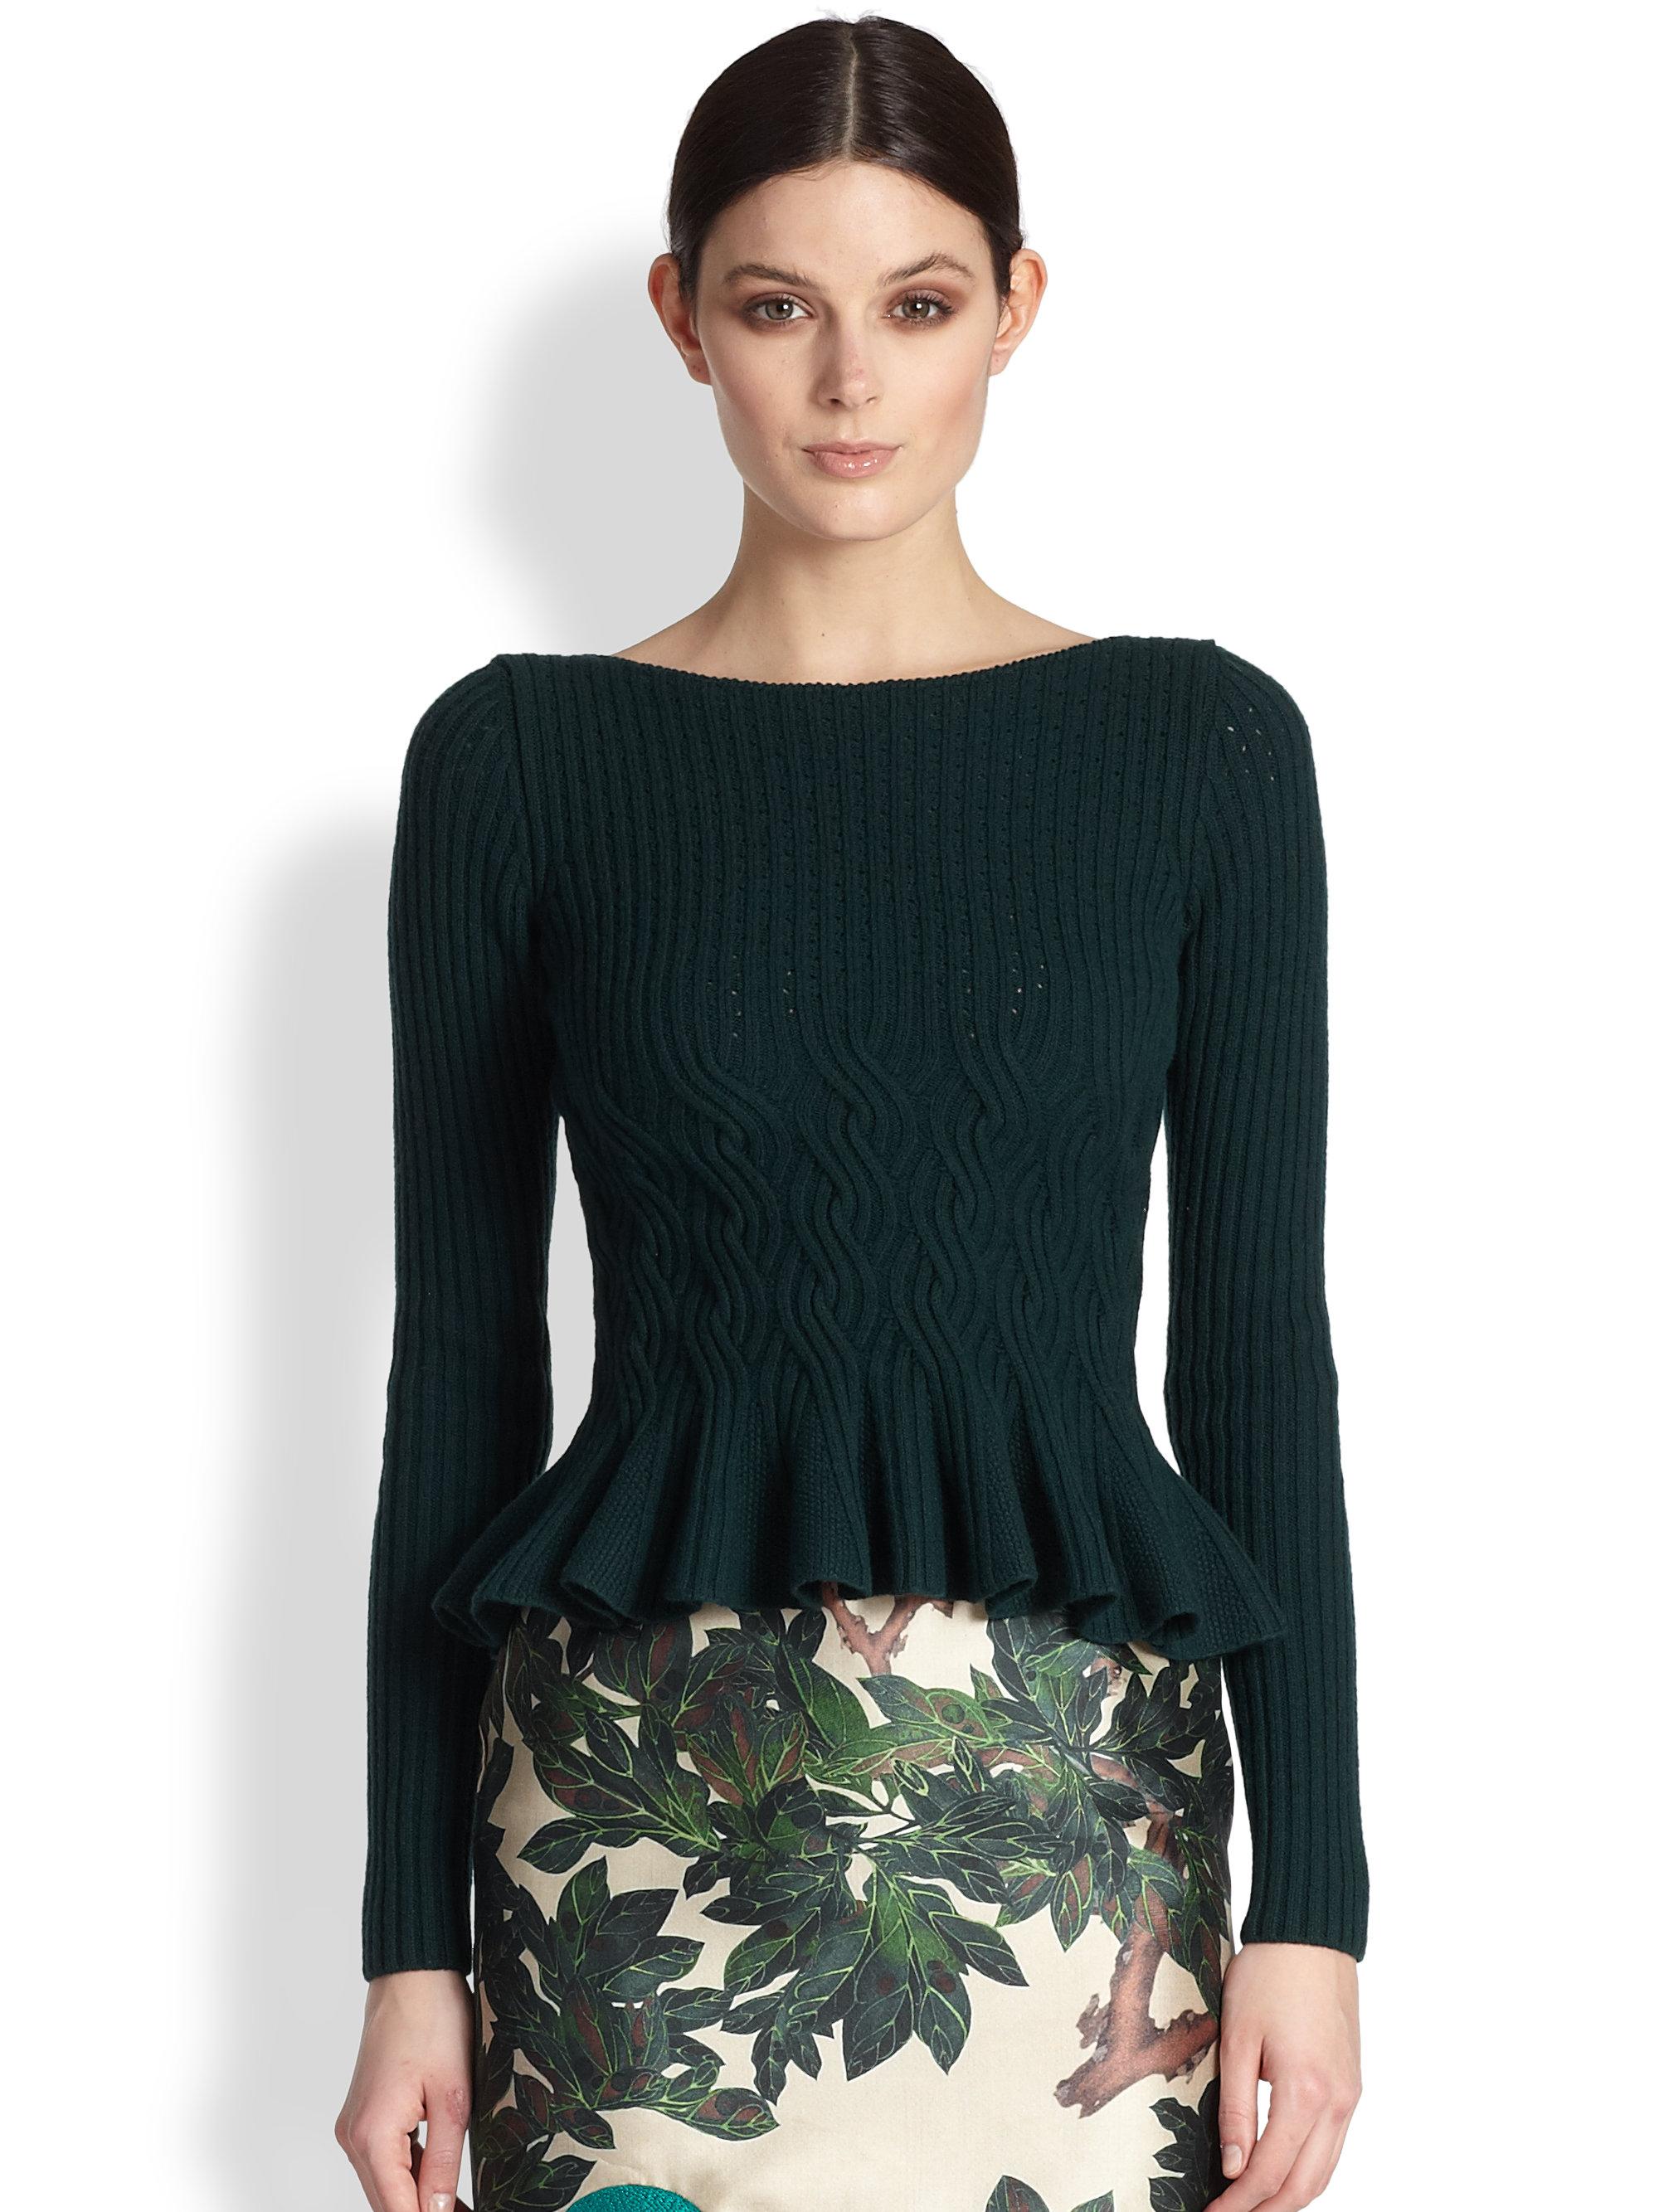 Oscar de la renta Merino Wool & Cashmere Cable-Knit Sweater in ...